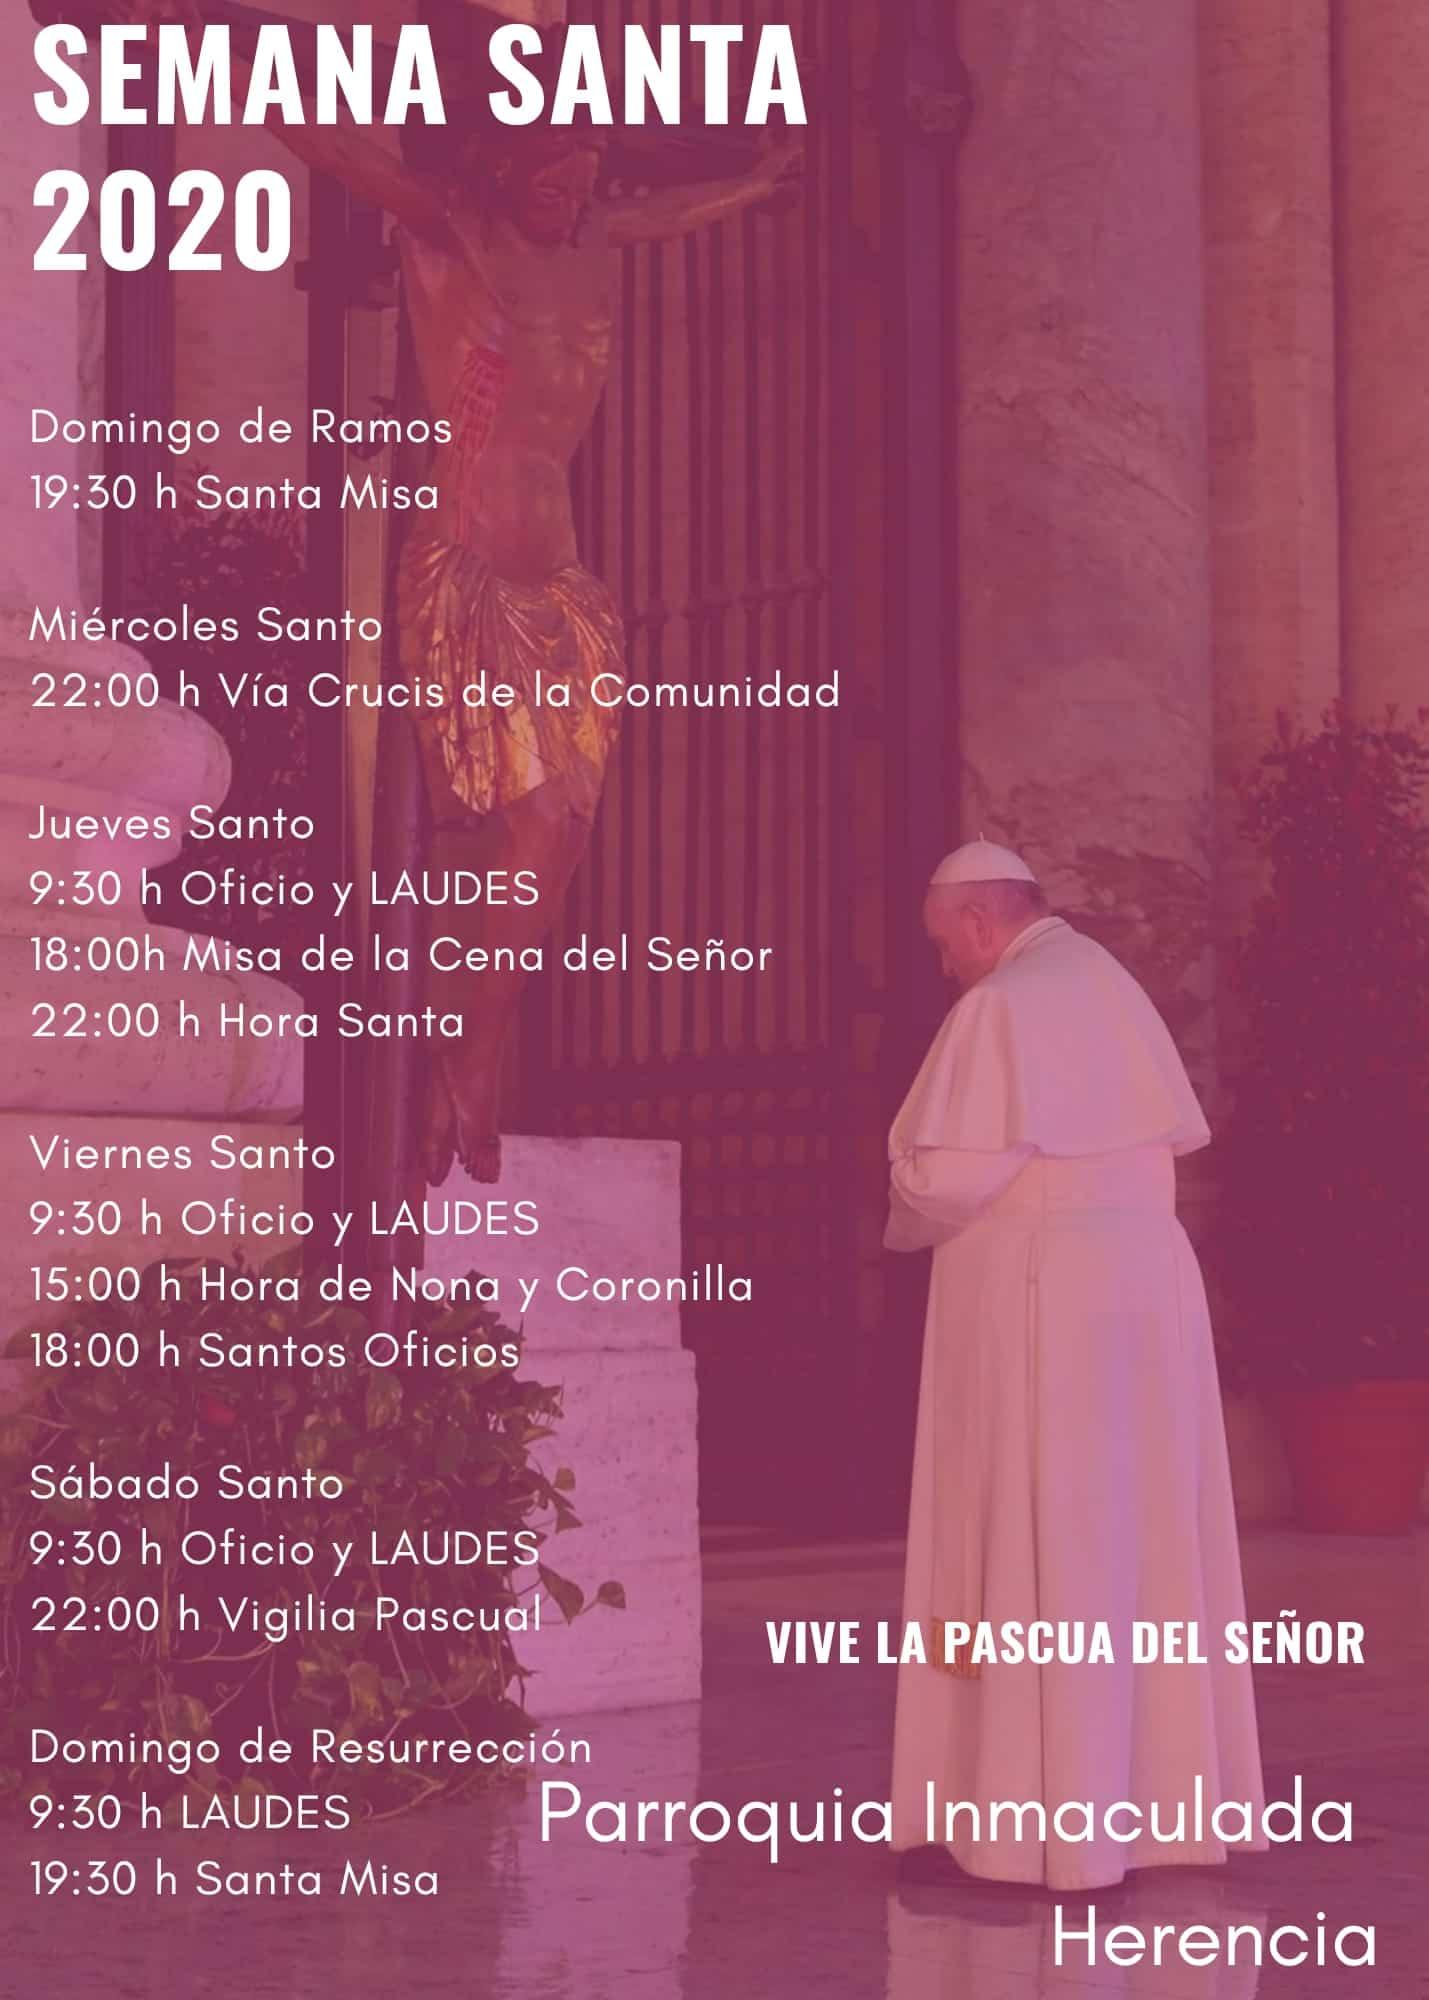 Semana Santa en la parroquia de Herencia - Las celebraciones de Semana Santa de la parroquia Inmaculada Concepción podrán seguirse por Facebook y Radio María